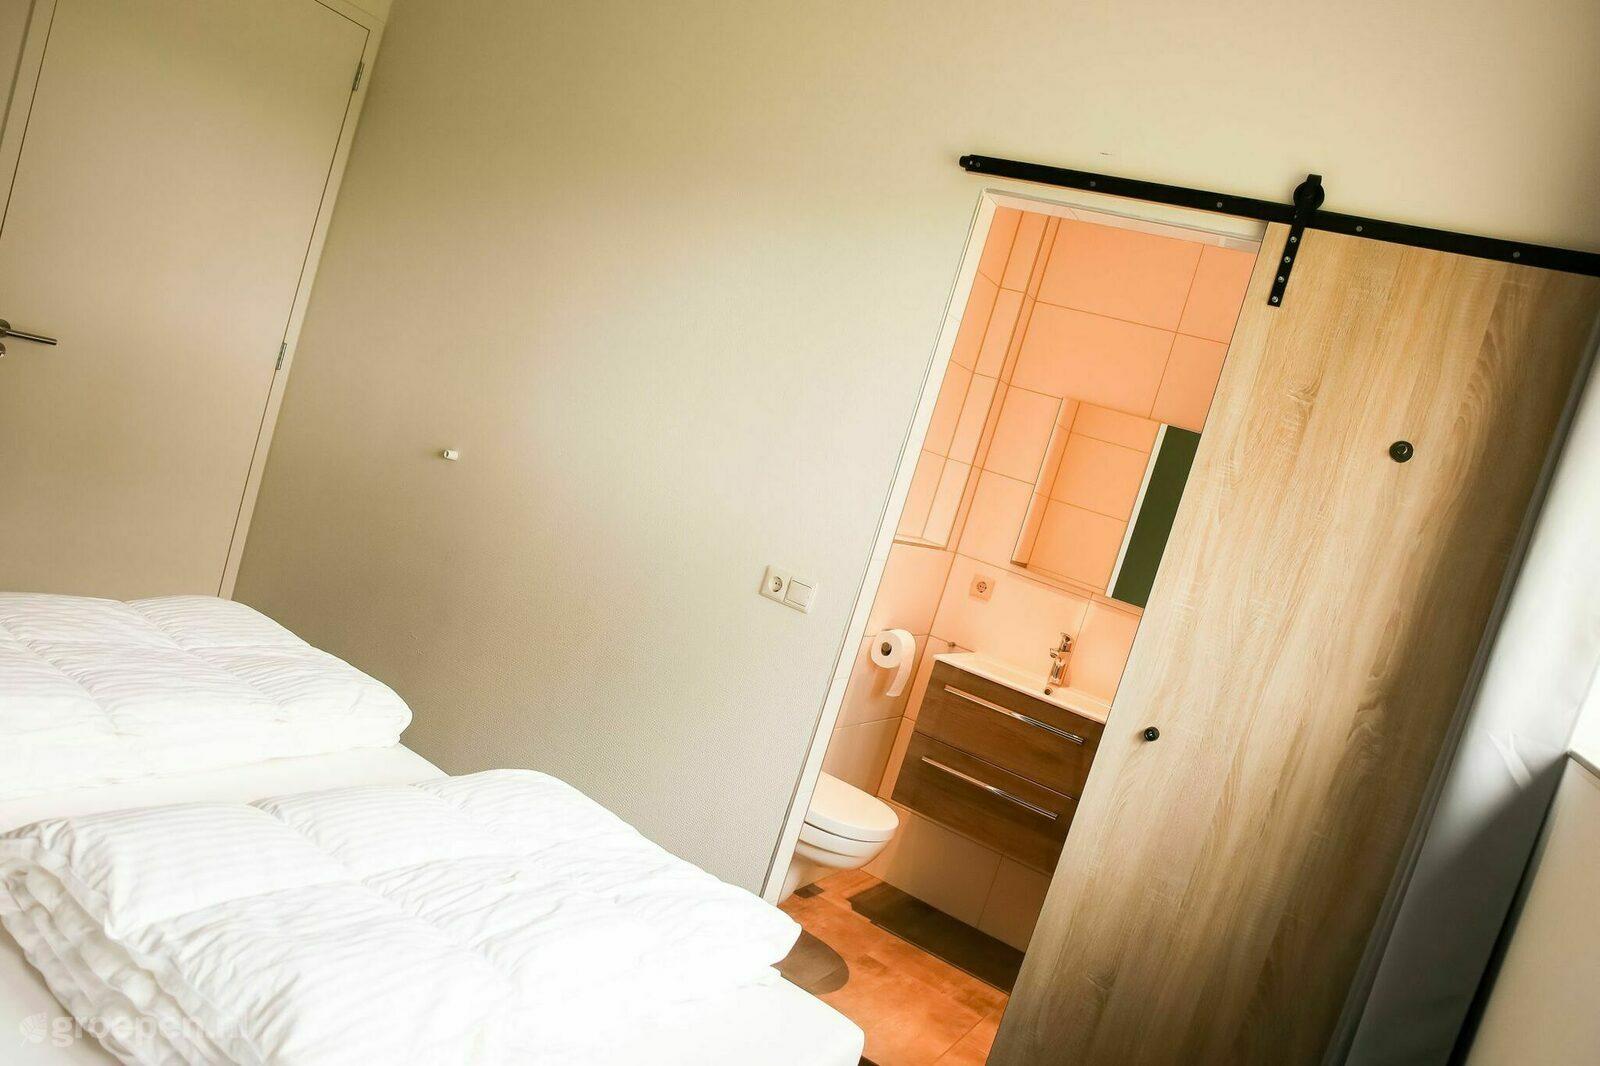 Vakantiehuis Eibergen